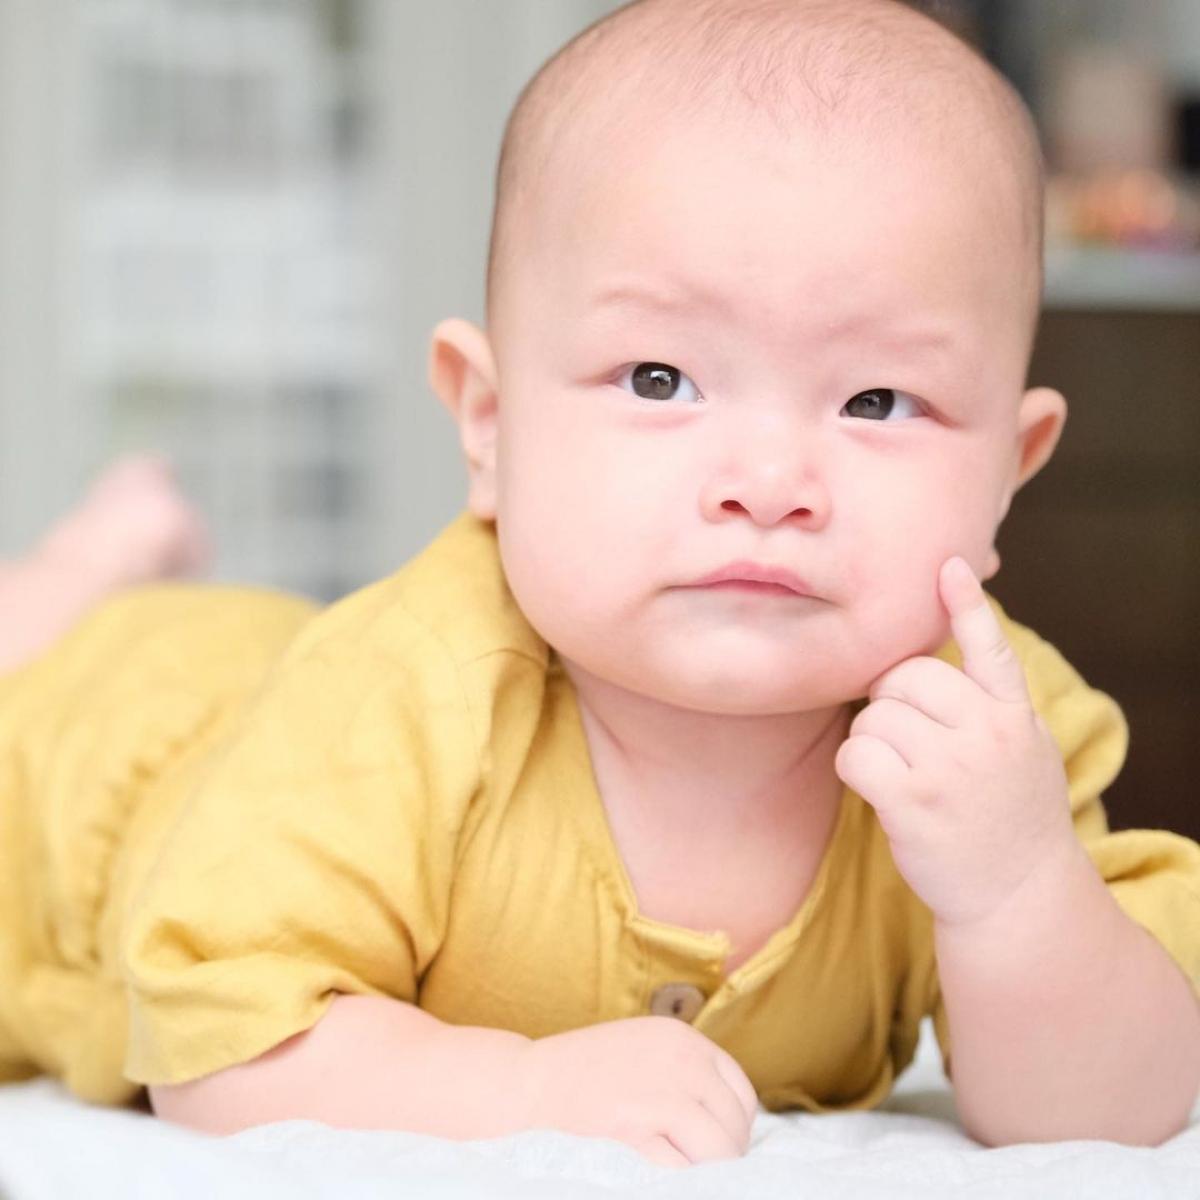 Còn bé Leon tuy mới mấy tháng tuổi nhưng đã bộc lộ cá tính vàkhí chất nam nhi.